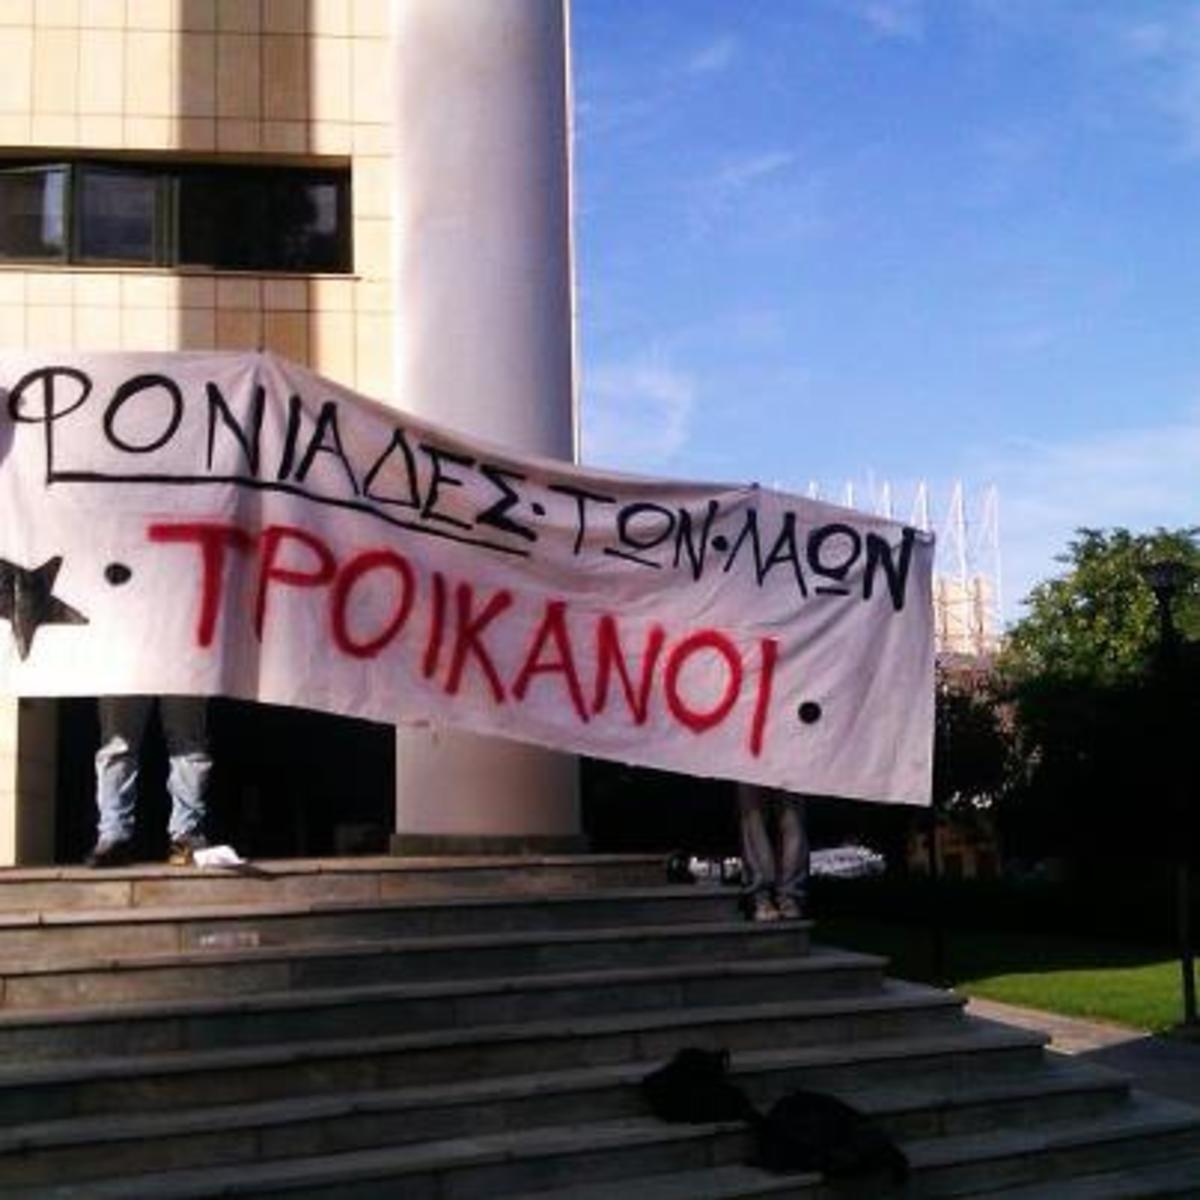 Βγήκαν στους δρόμους οι Κύπριοι για το μνημόνιο | Newsit.gr